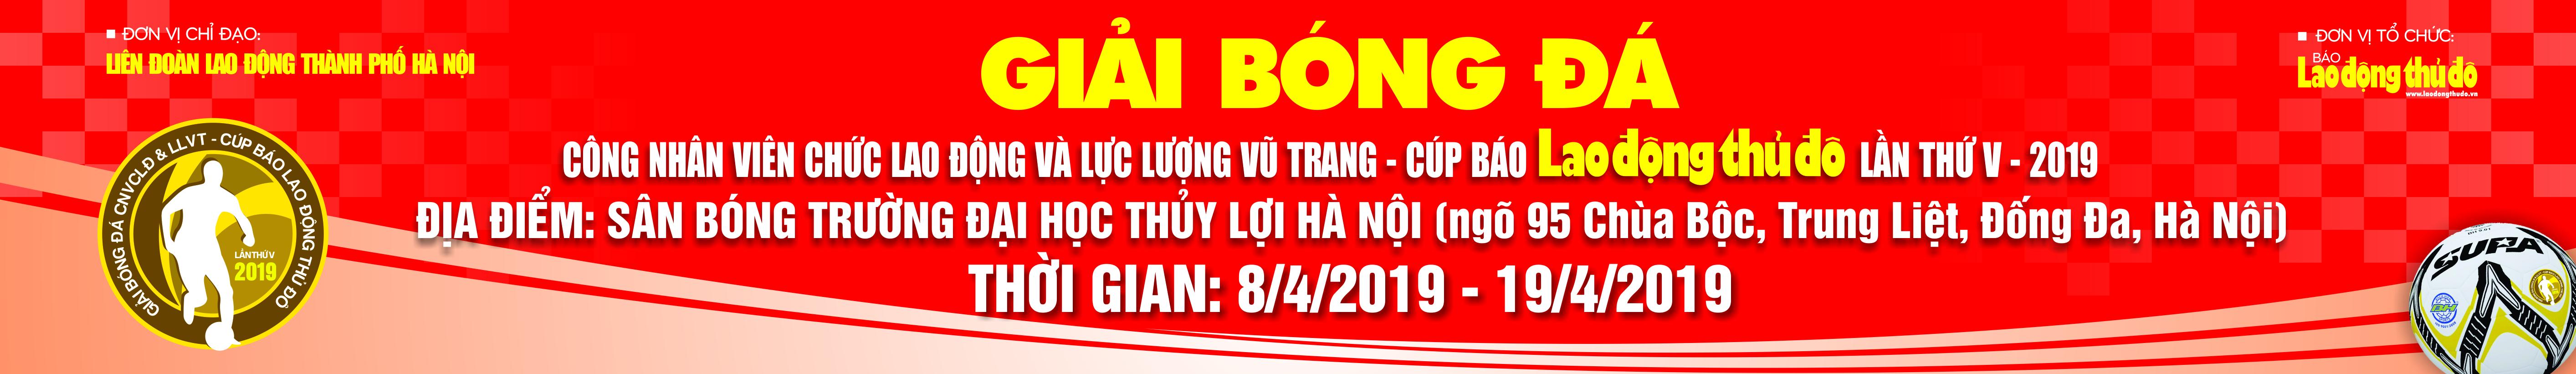 bong-da-2019